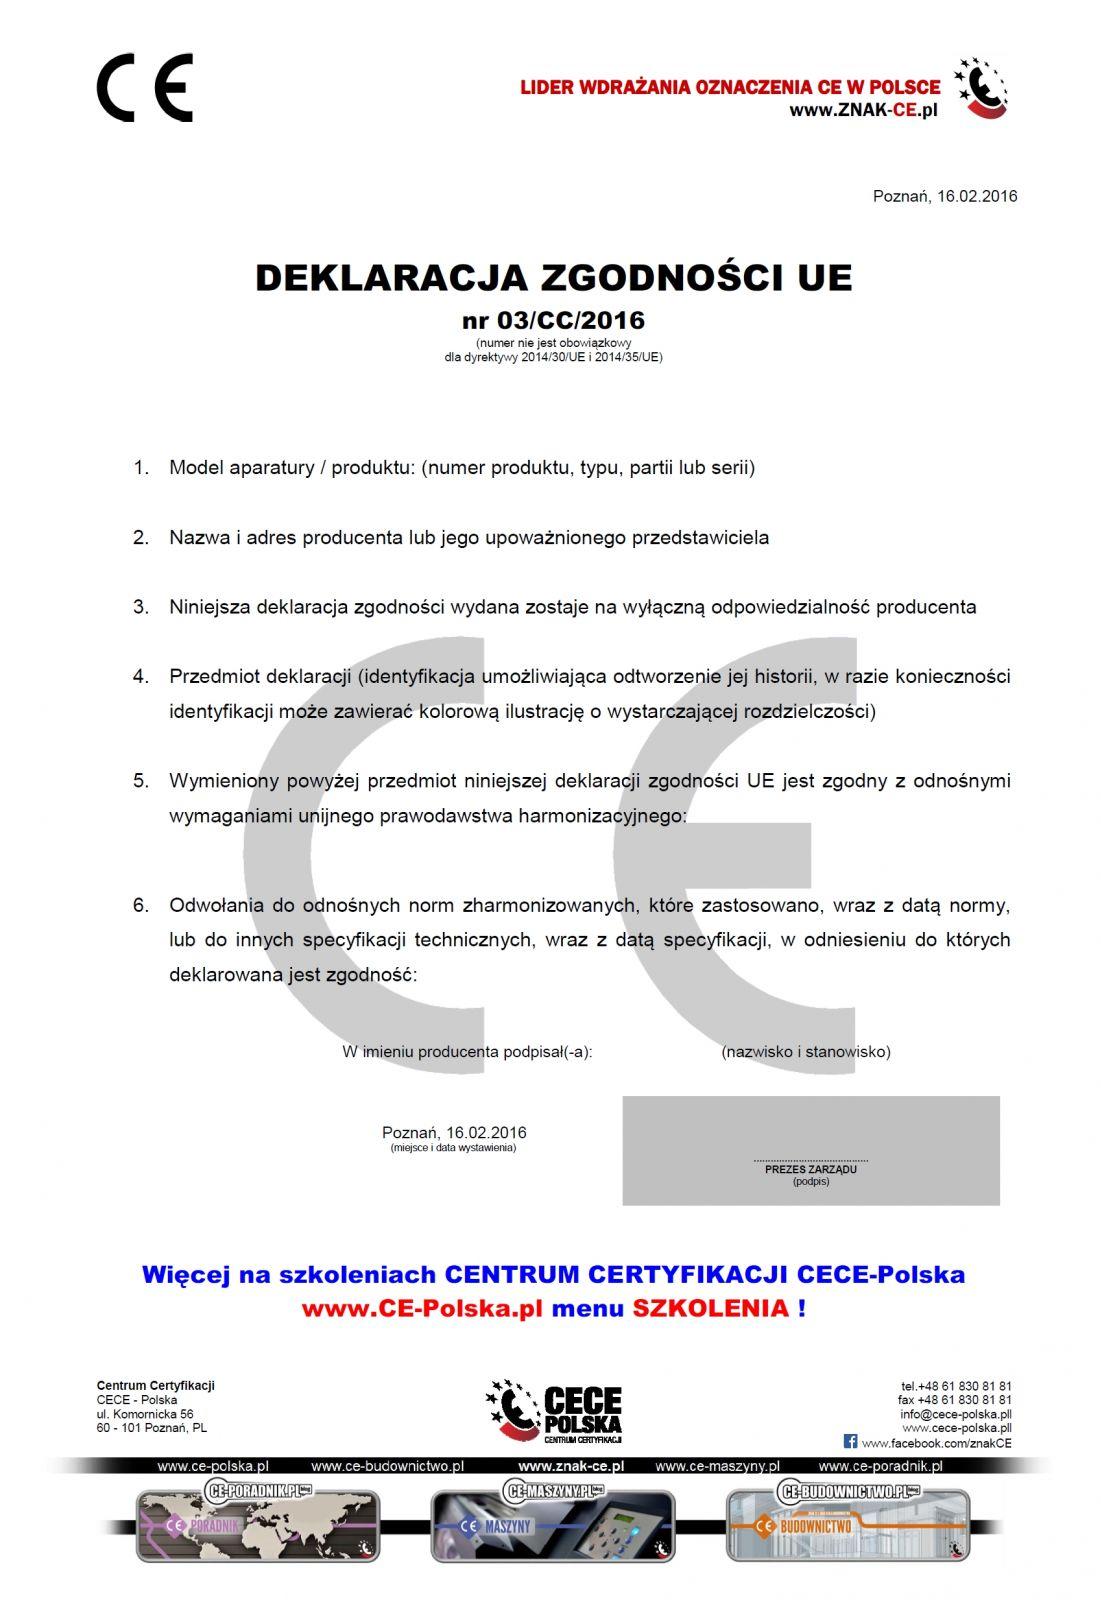 Deklaracja zgodności UE - www.ce-polska.pl